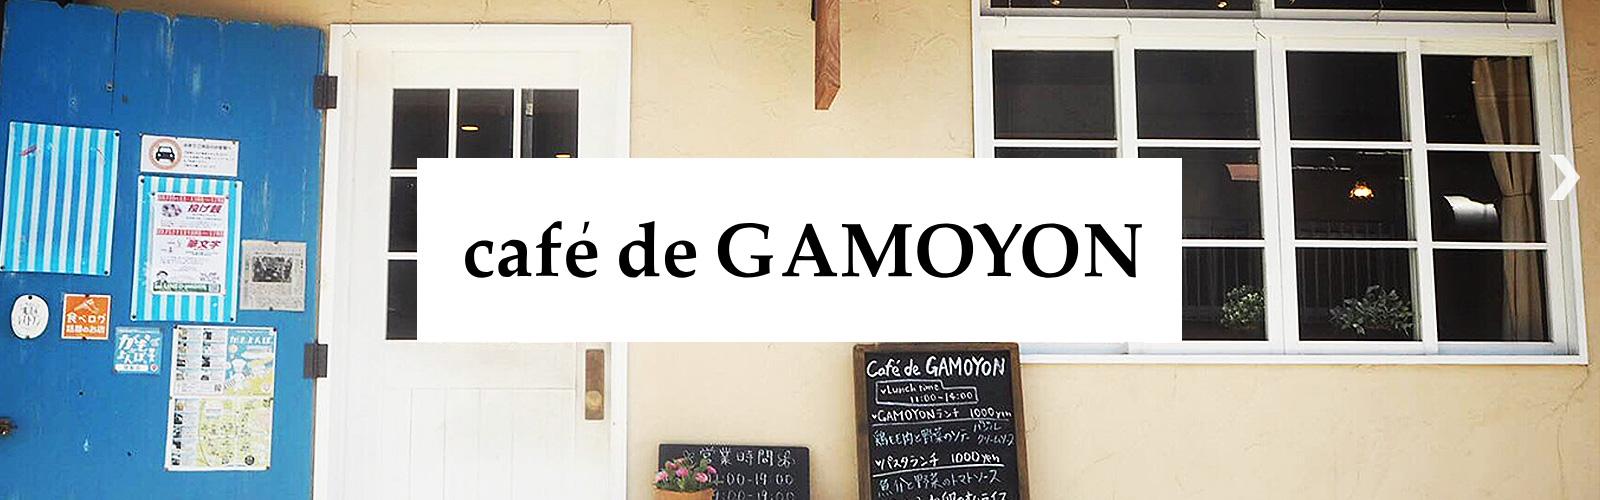 Cafe de Gamoyon(大阪・蒲生四丁目)